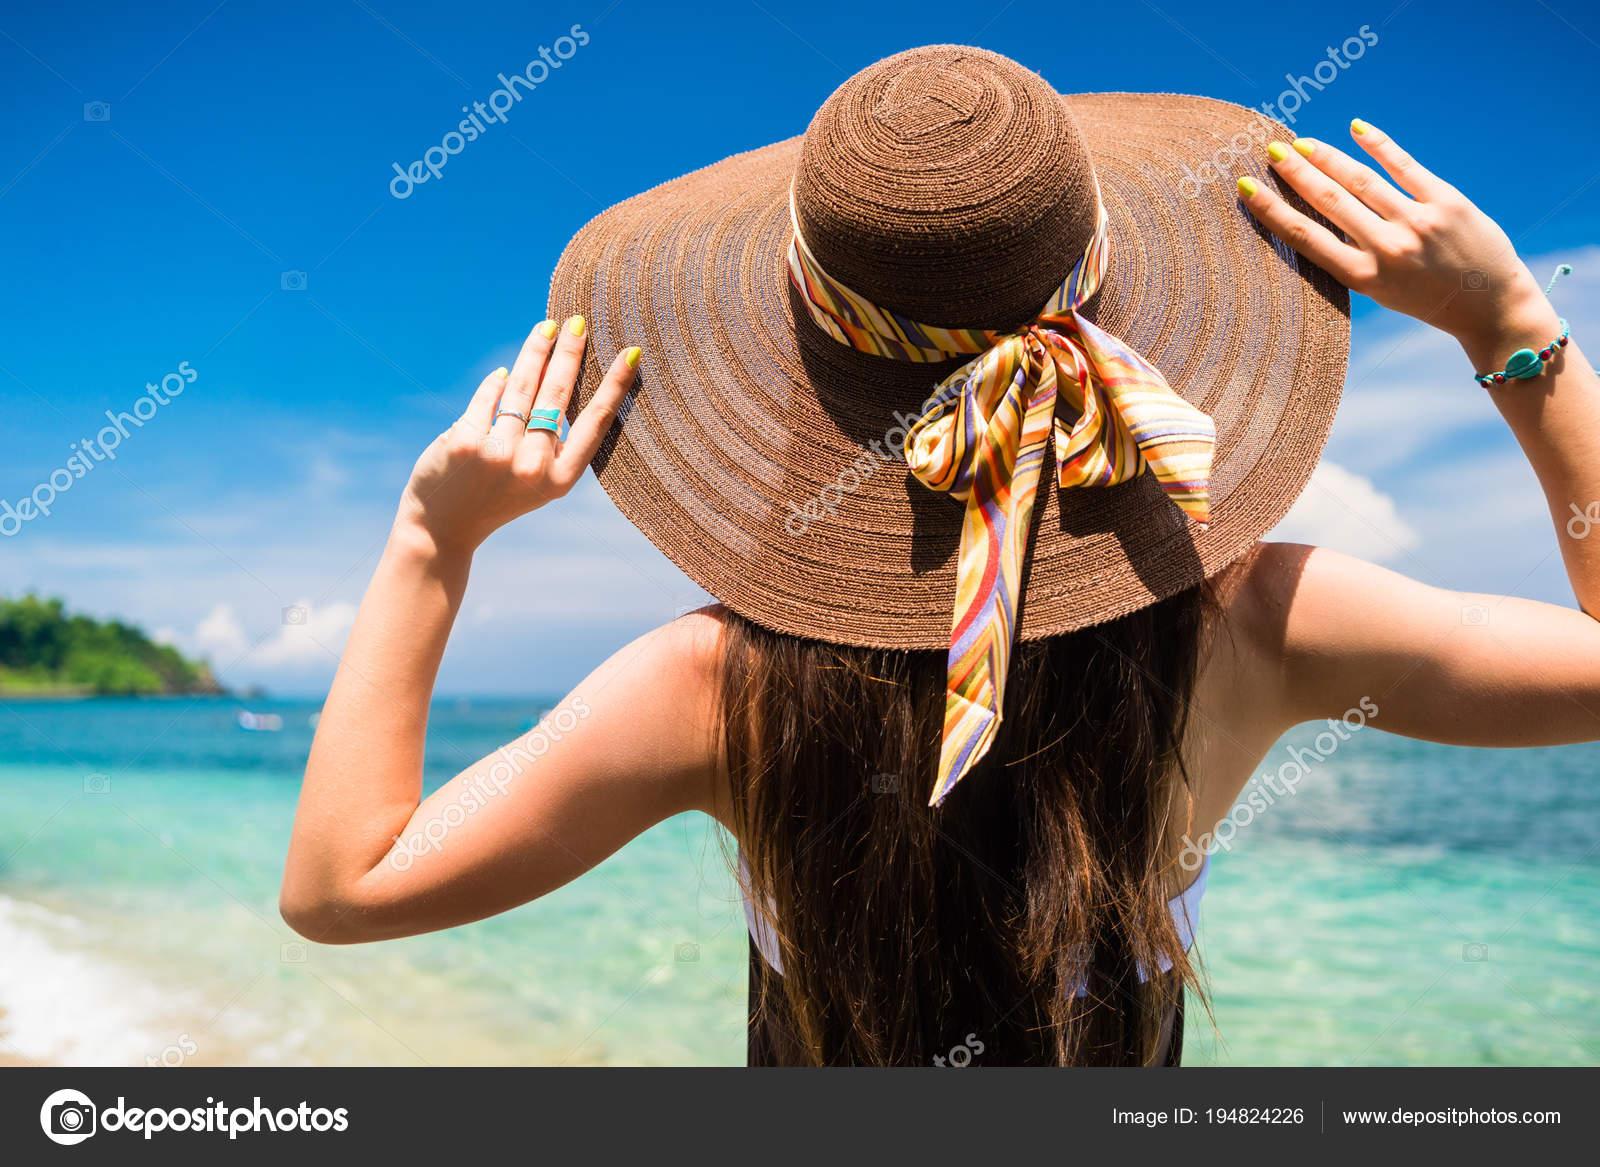 Mujer Vacaciones Verano Con Sombrero Paja Vestido Para Playa Disfrutando —  Foto de Stock 60db23ba4b9d